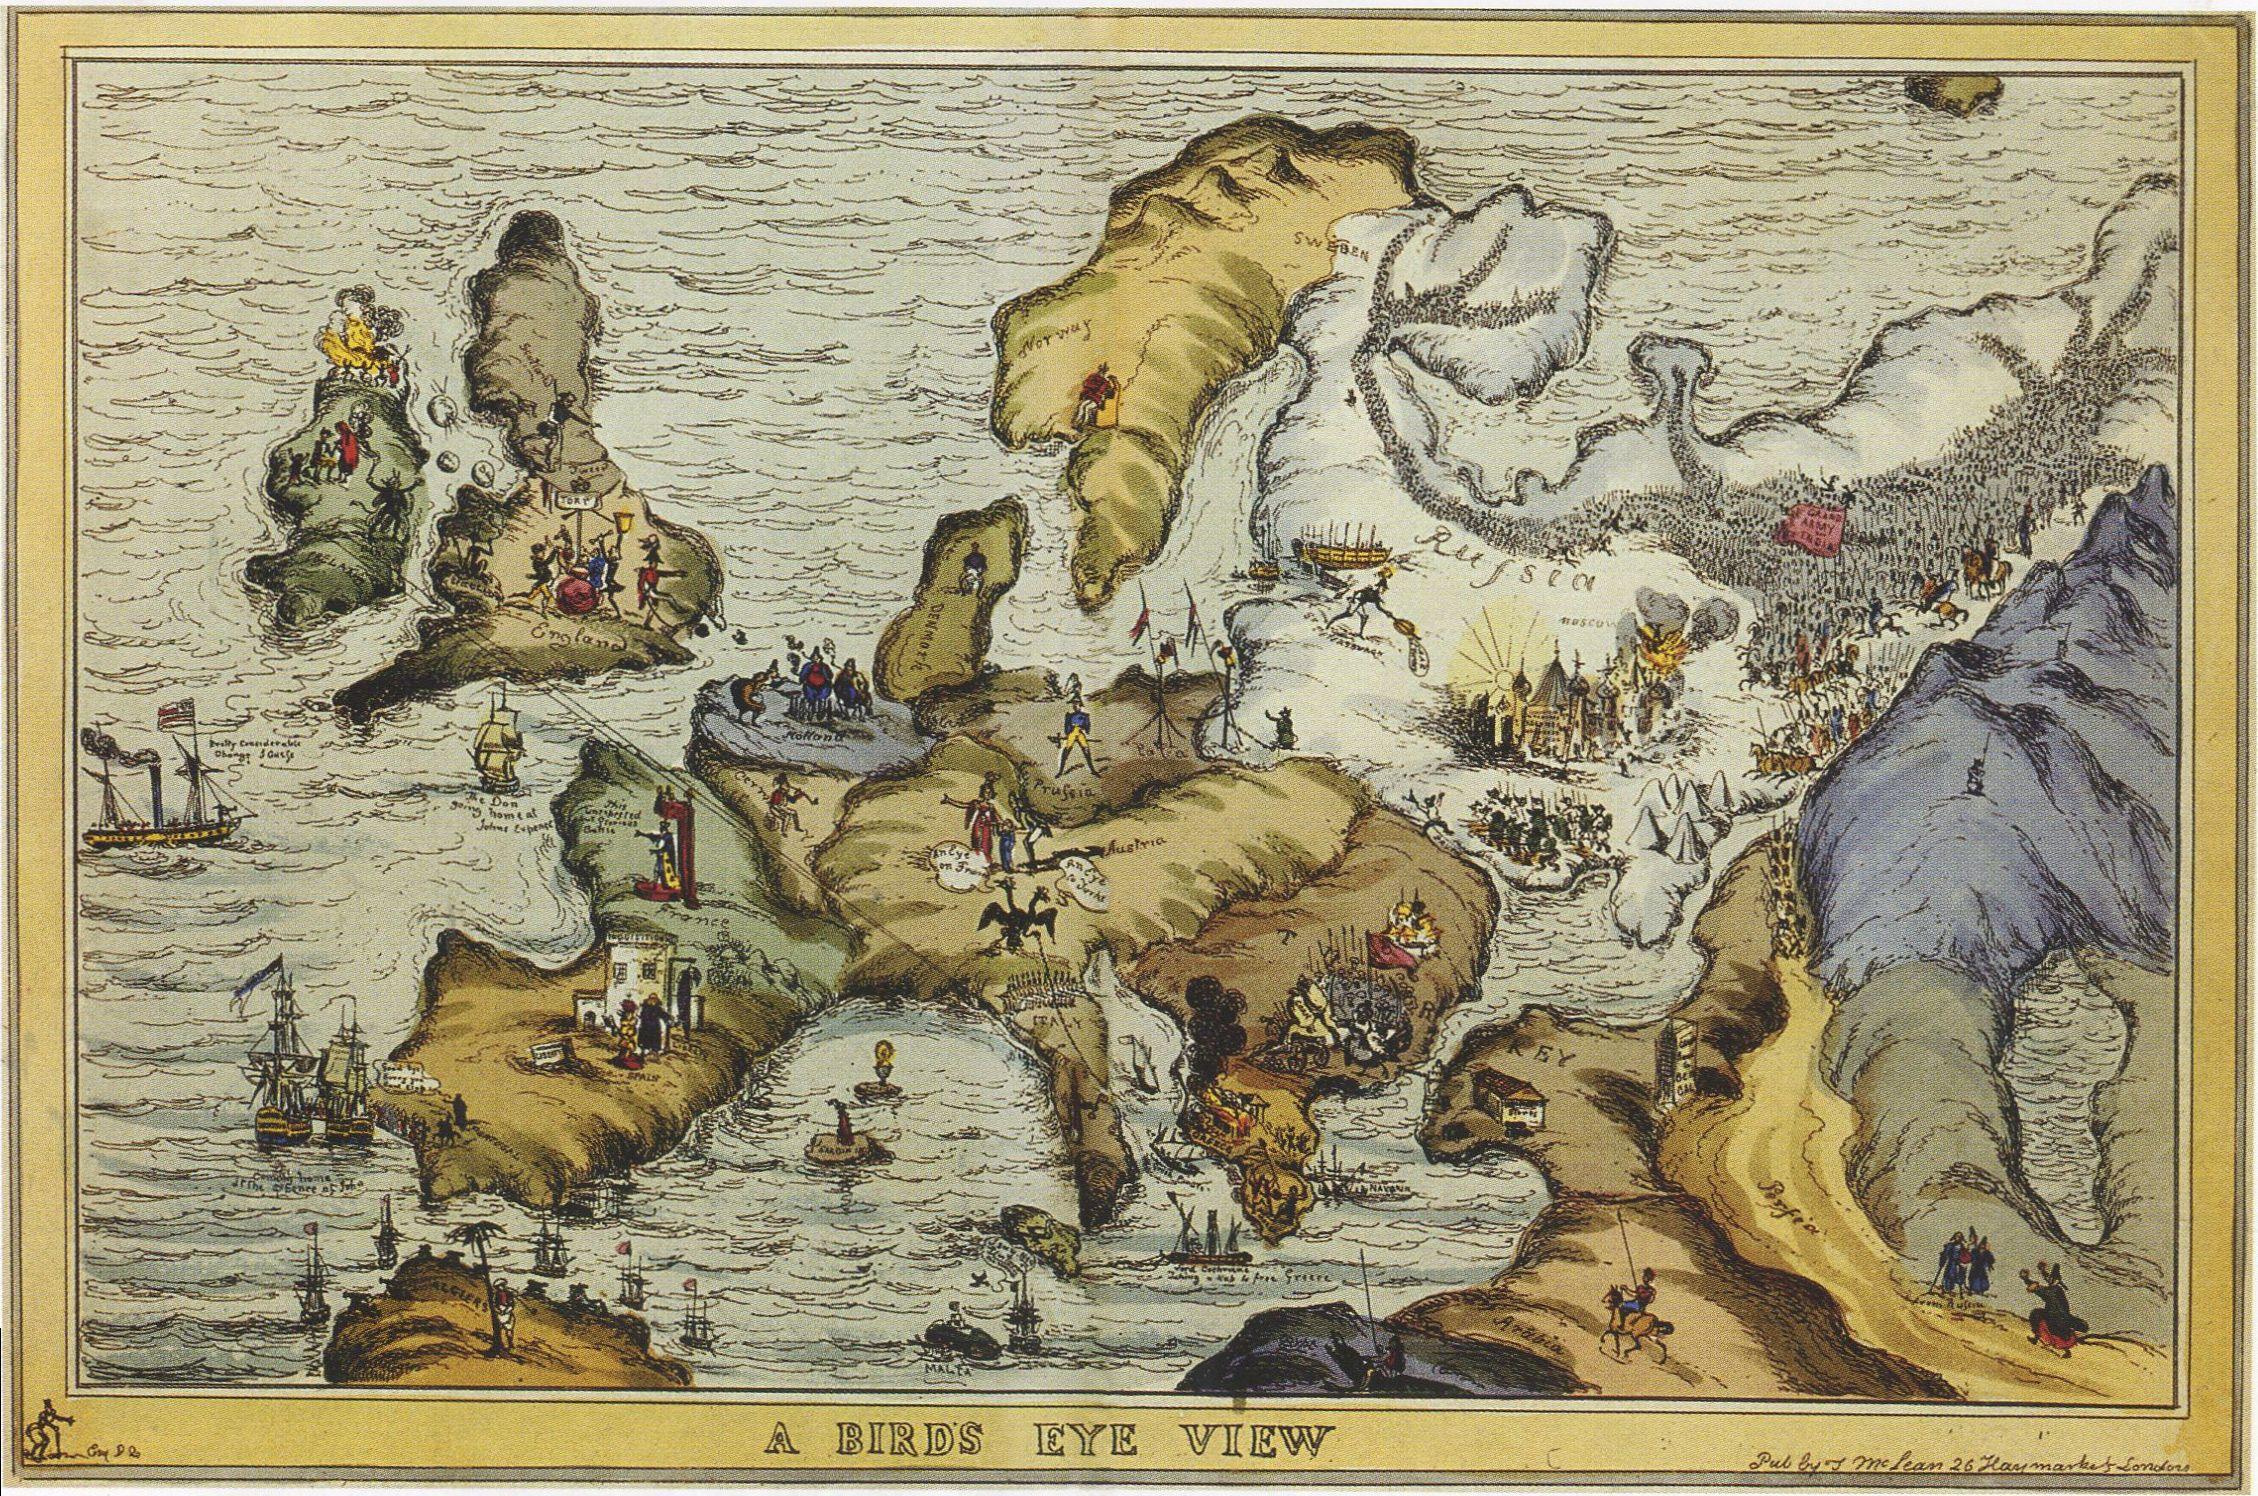 Уильям Хит. Вид с птичьего полёта. Около 1828-1829. Сатирическая карта Европы периода войны с Турцией. Ледяные просторы России заполнены армиями медведей и казаков